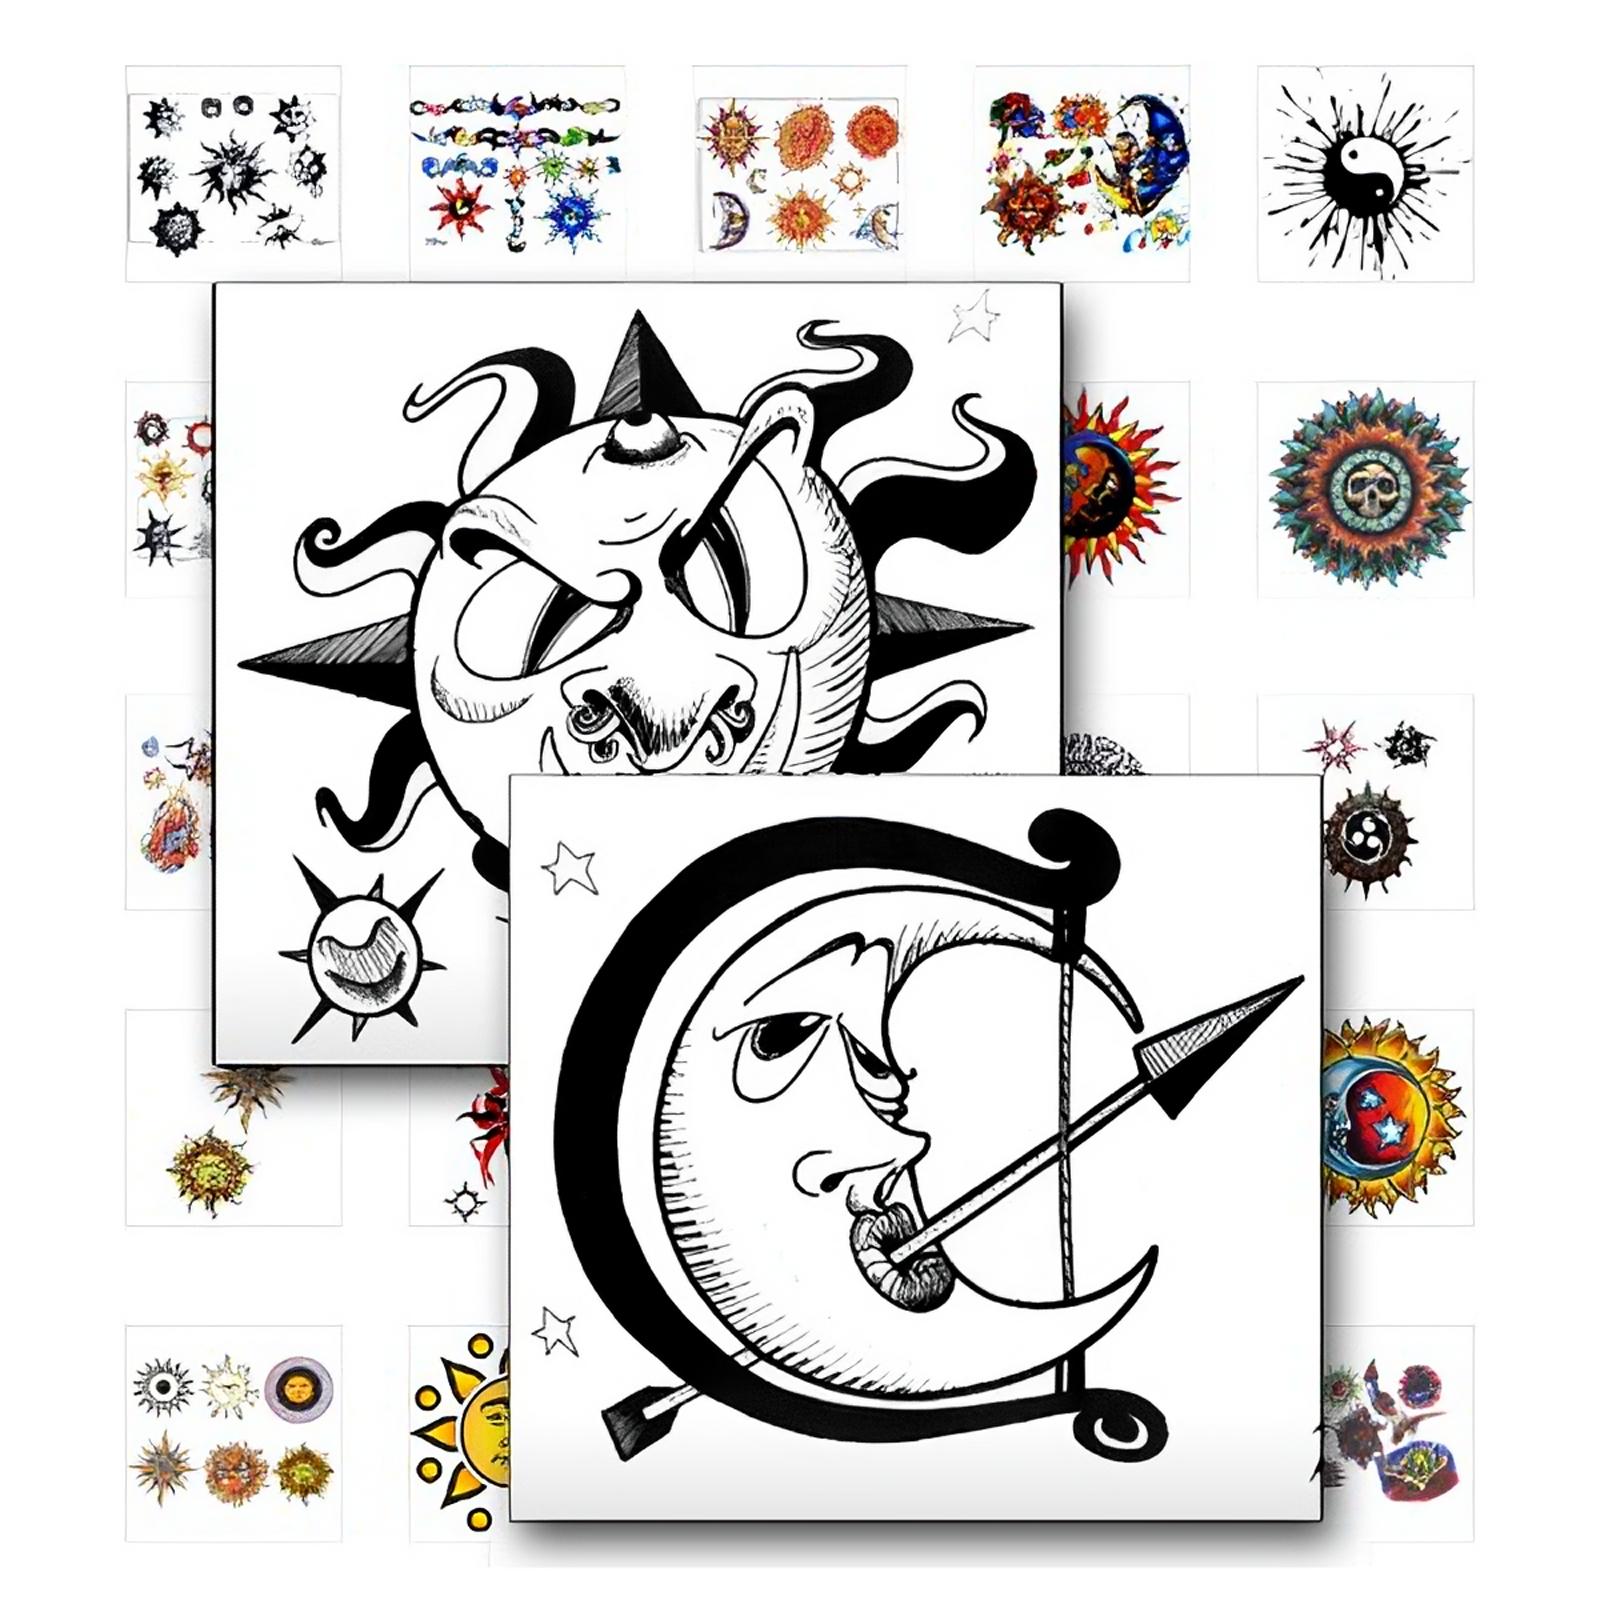 Sonne, Mond und Sterne Tattoo Vorlagen - Vielfalt des Himmels